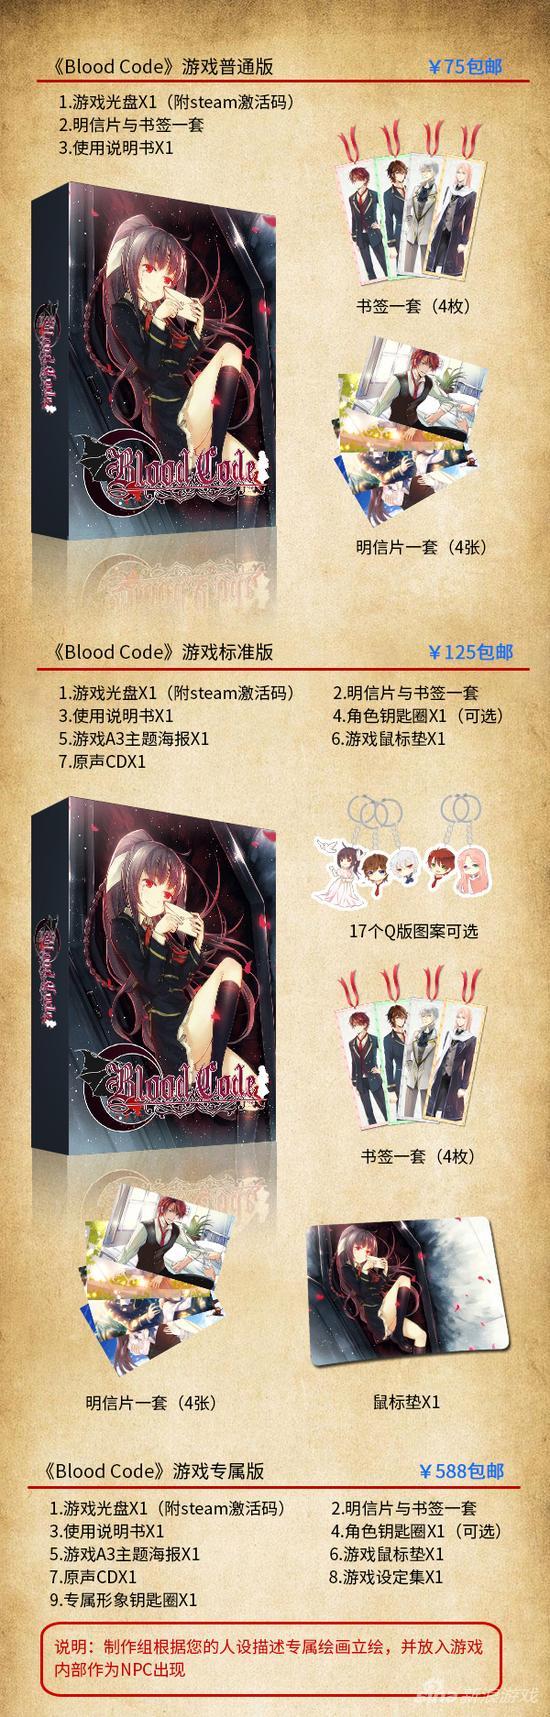 《Blood Code》三个版本